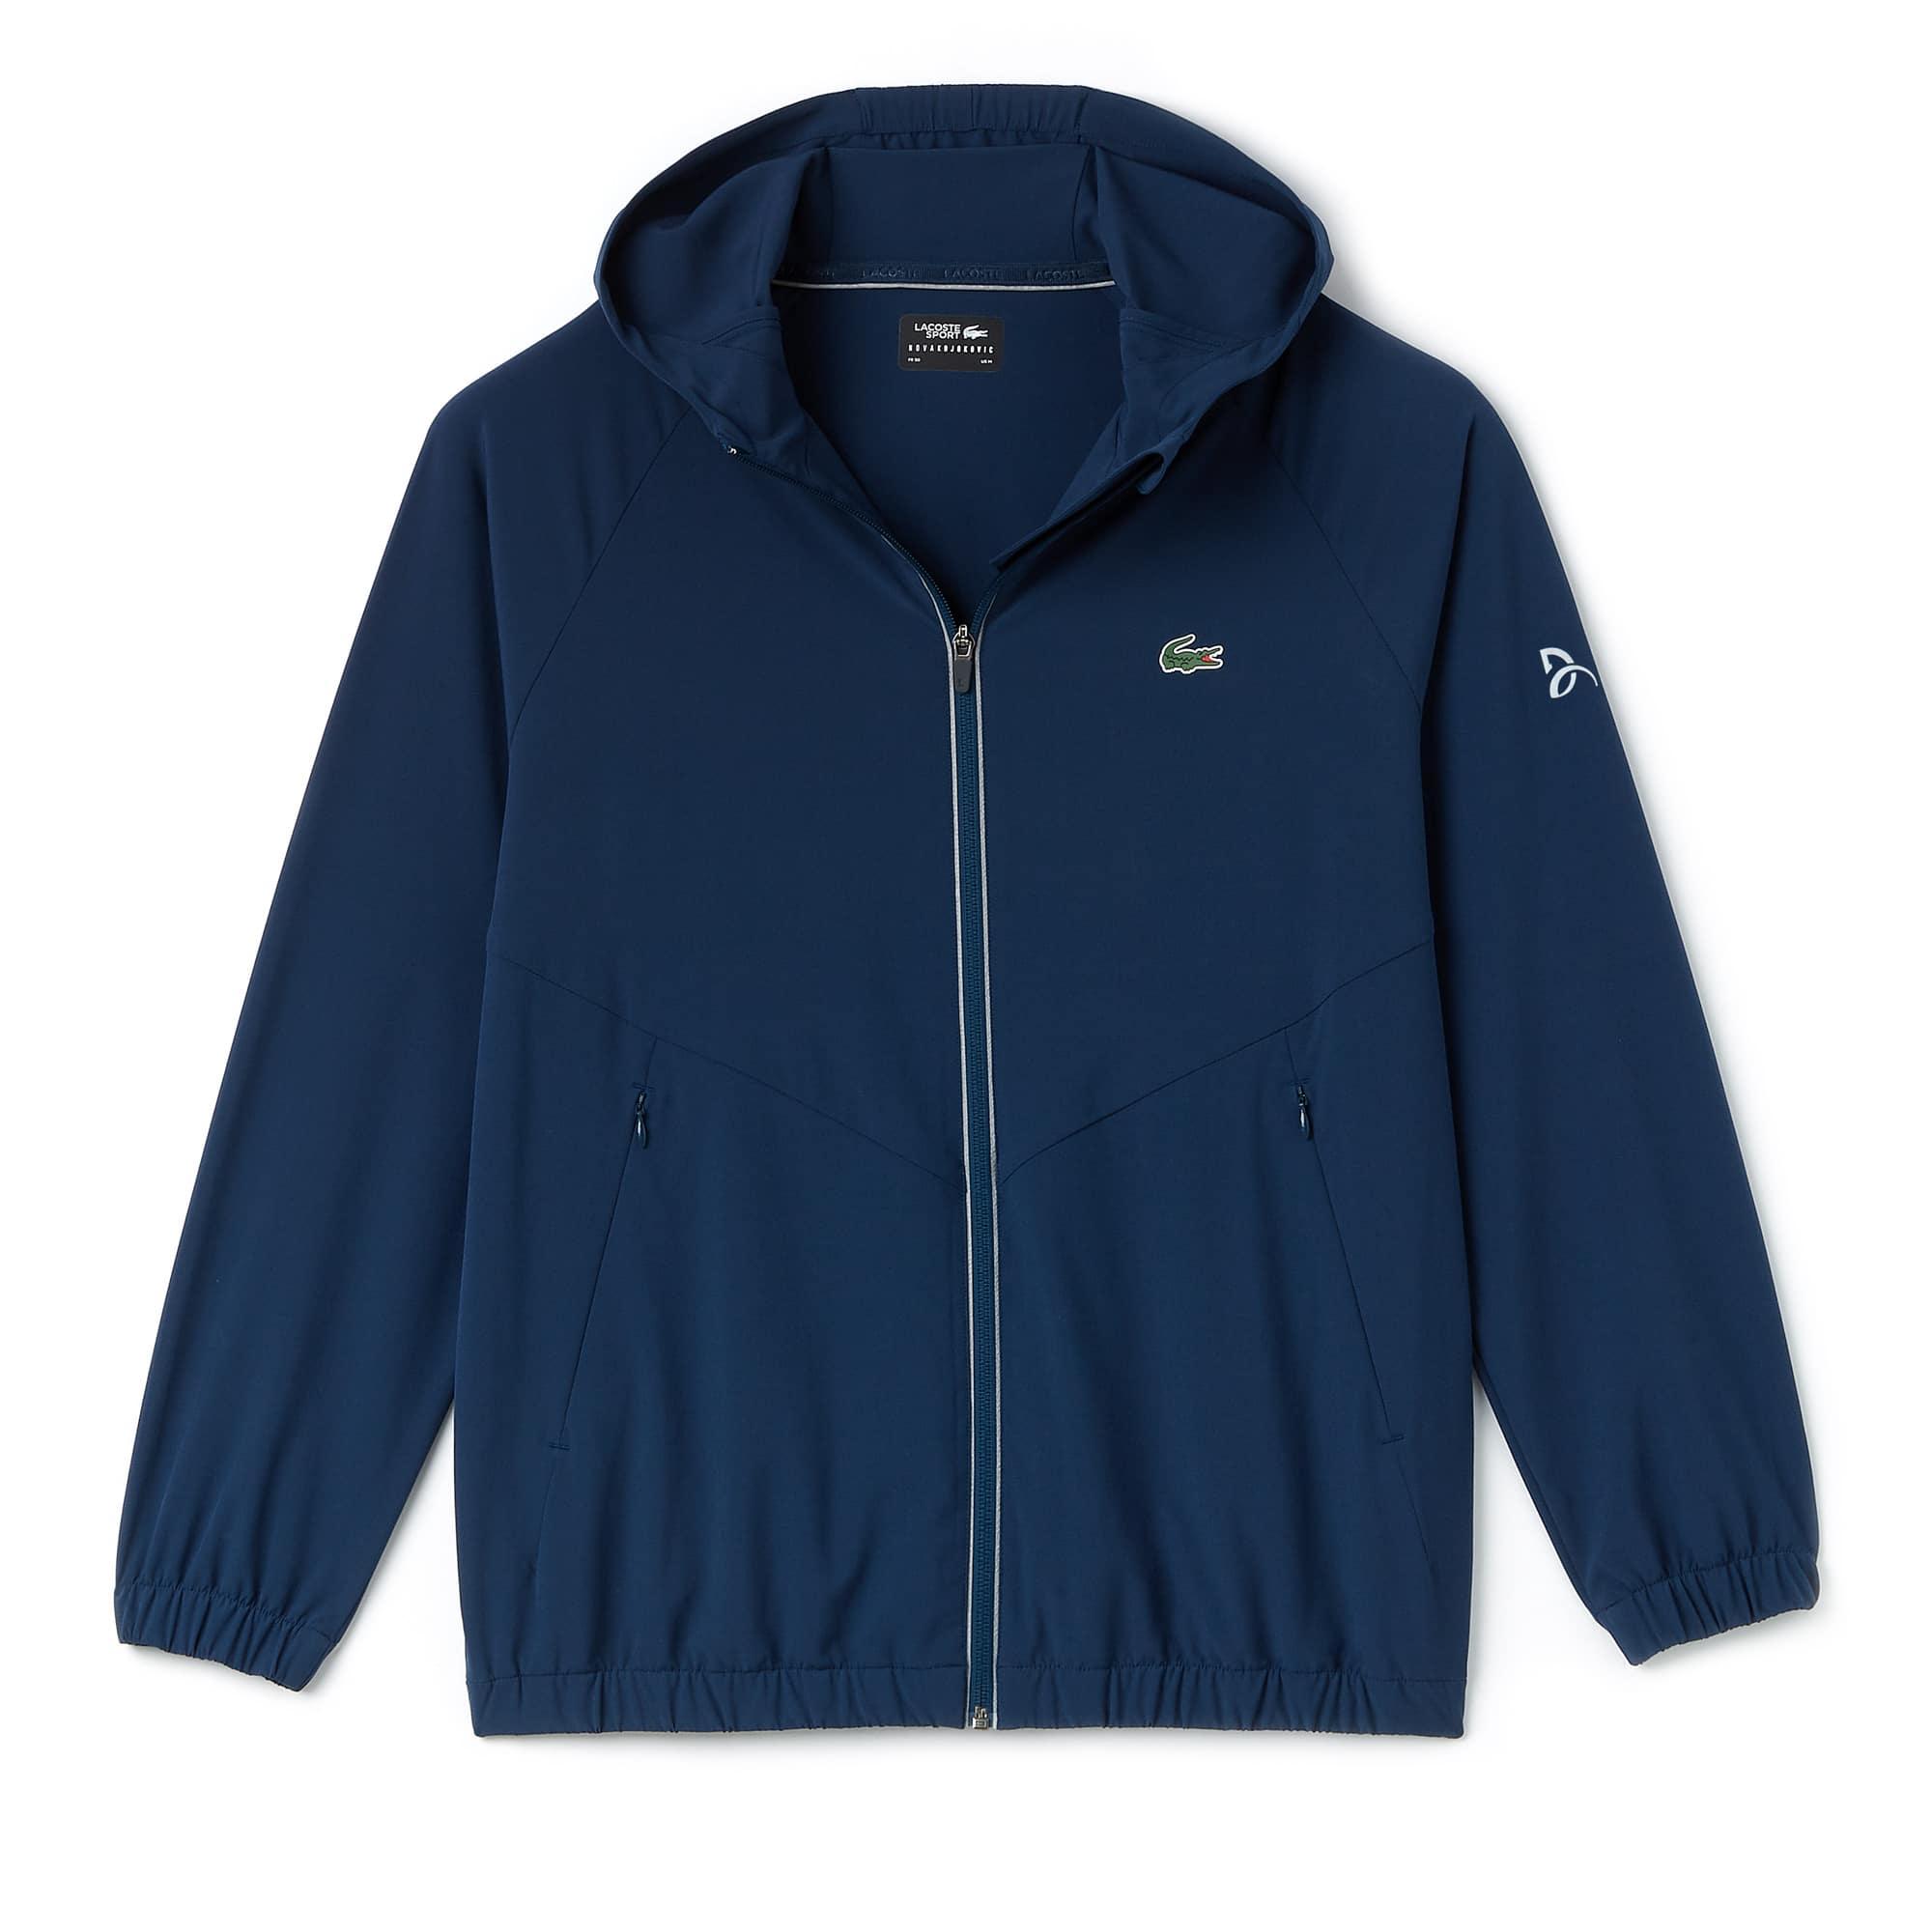 라코스테 Lacoste Mens SPORT Hooded Technical Midlayer Jacket - x Novak Djokovic Off Court Premium Edition,azurite/black